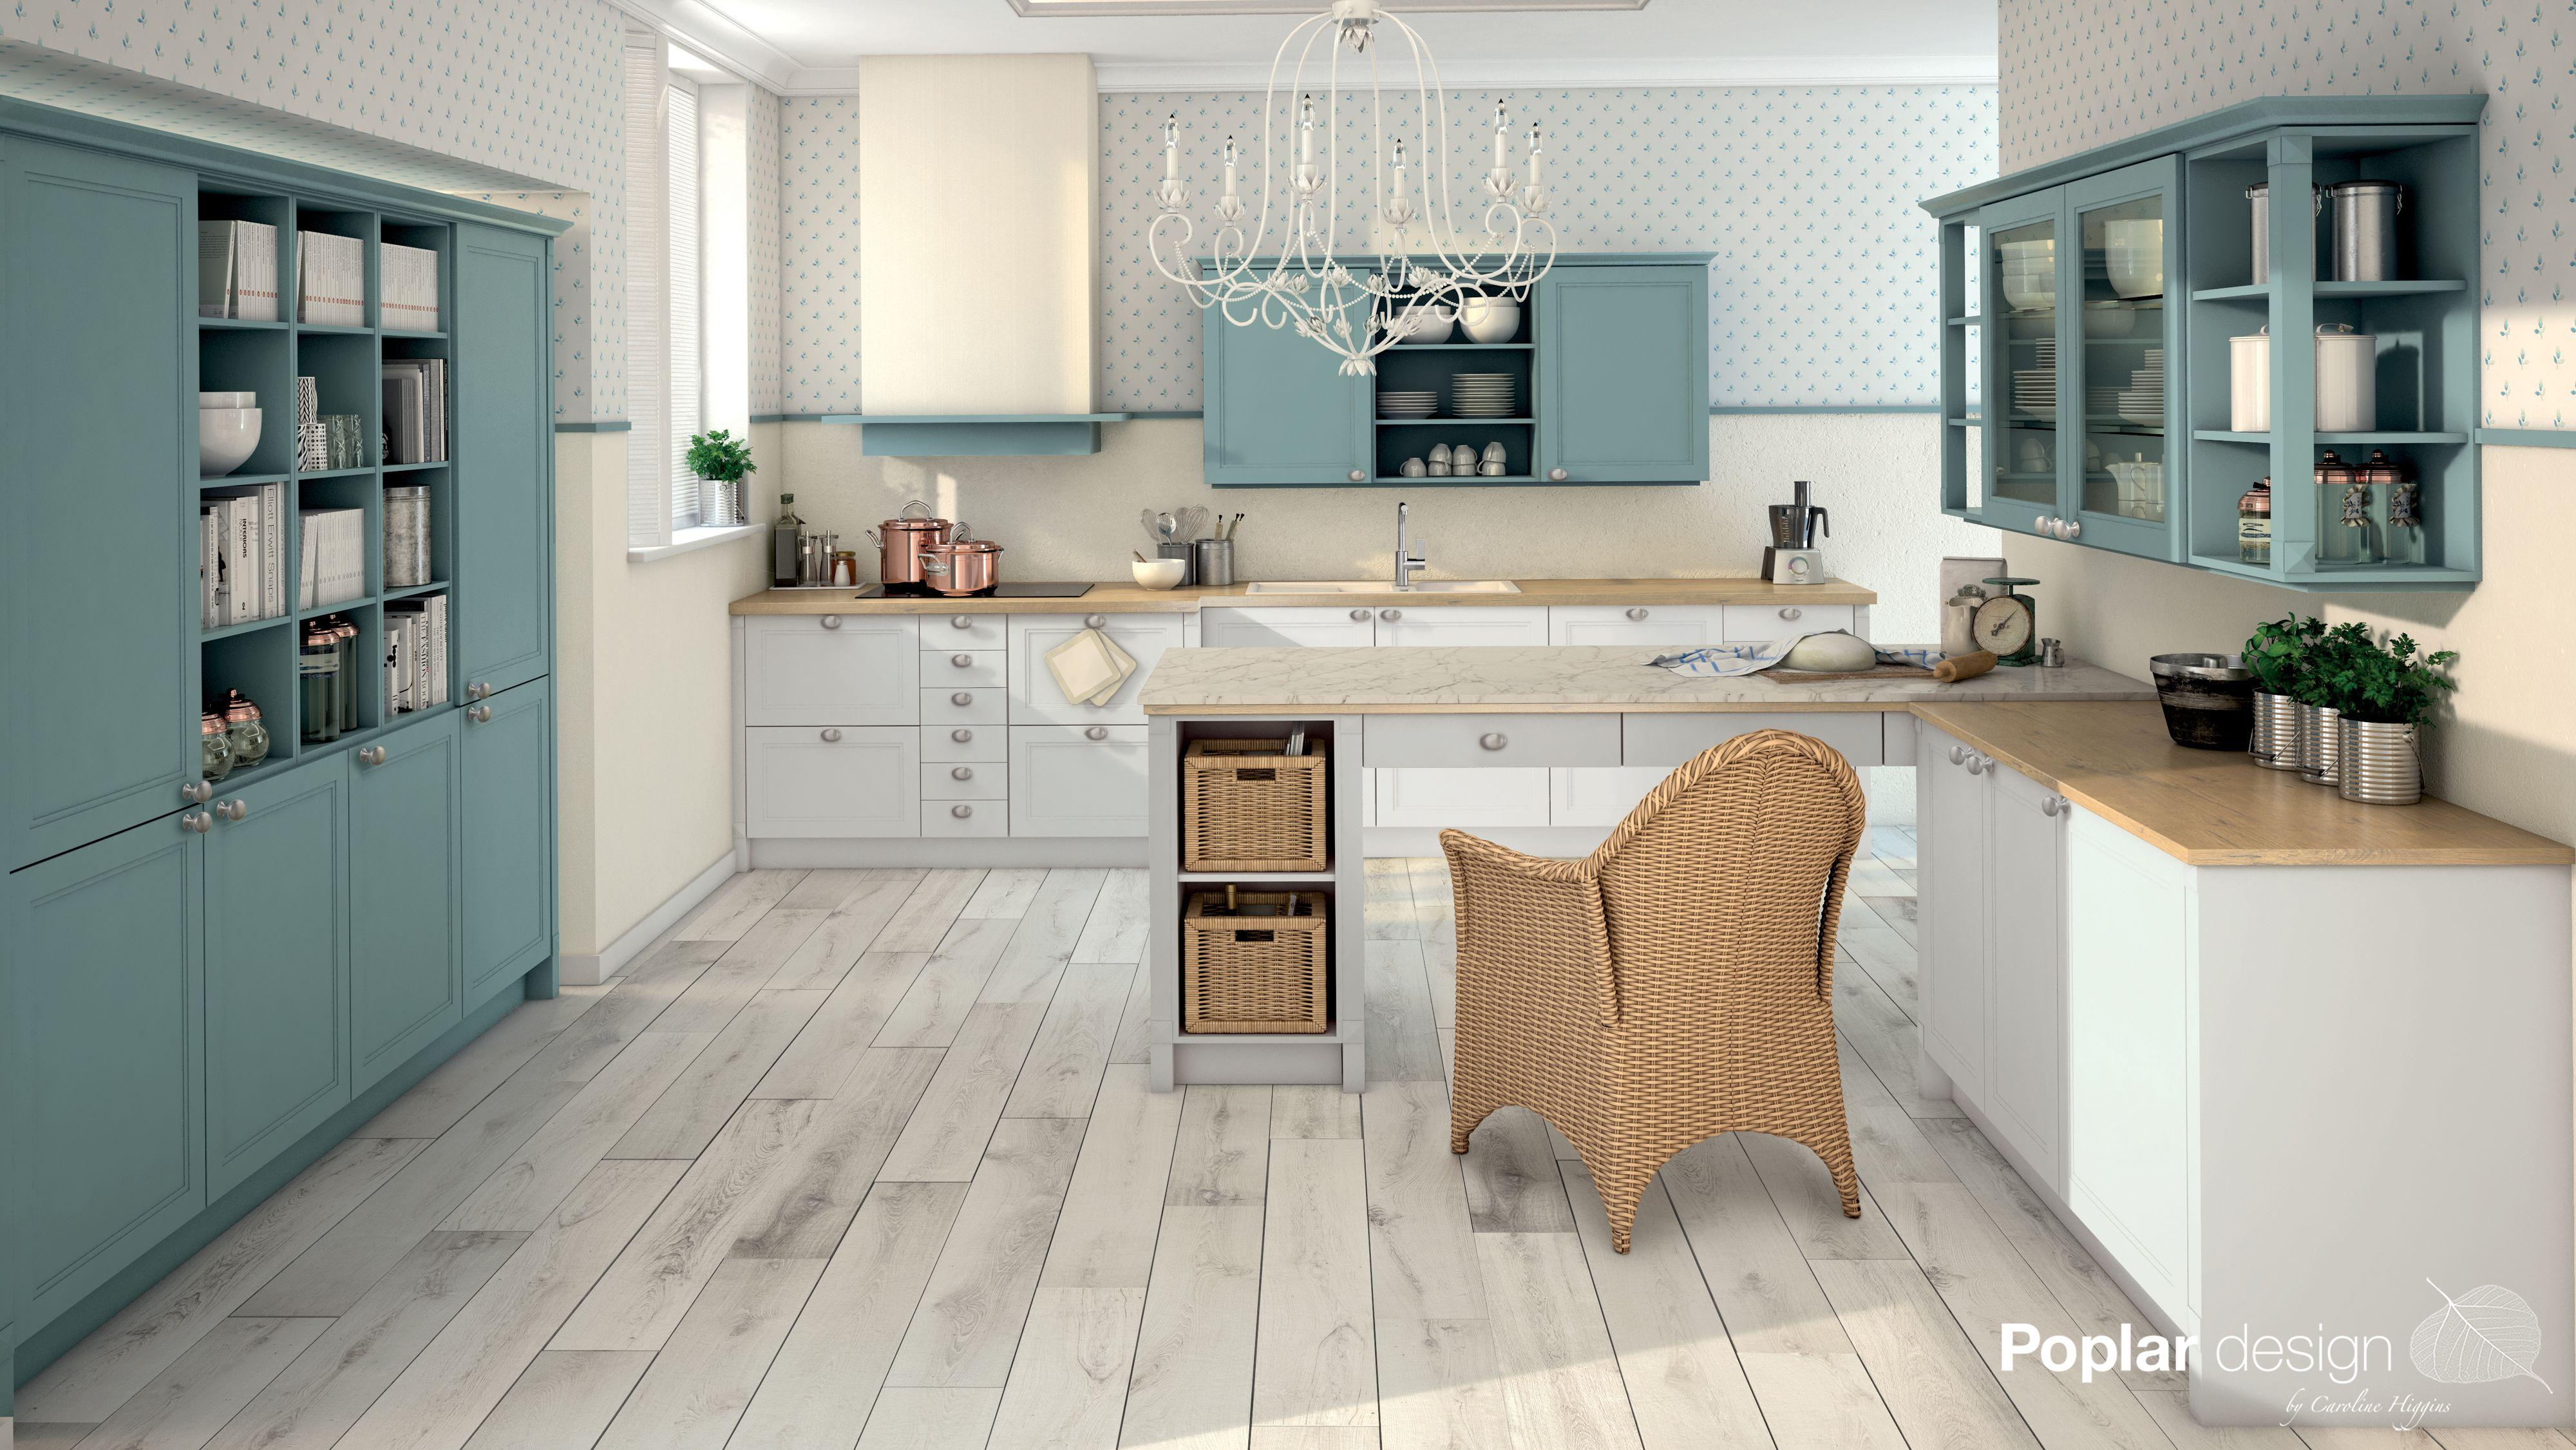 Großartig Küchendesigner Manchester Uk Galerie - Küchenschrank Ideen ...